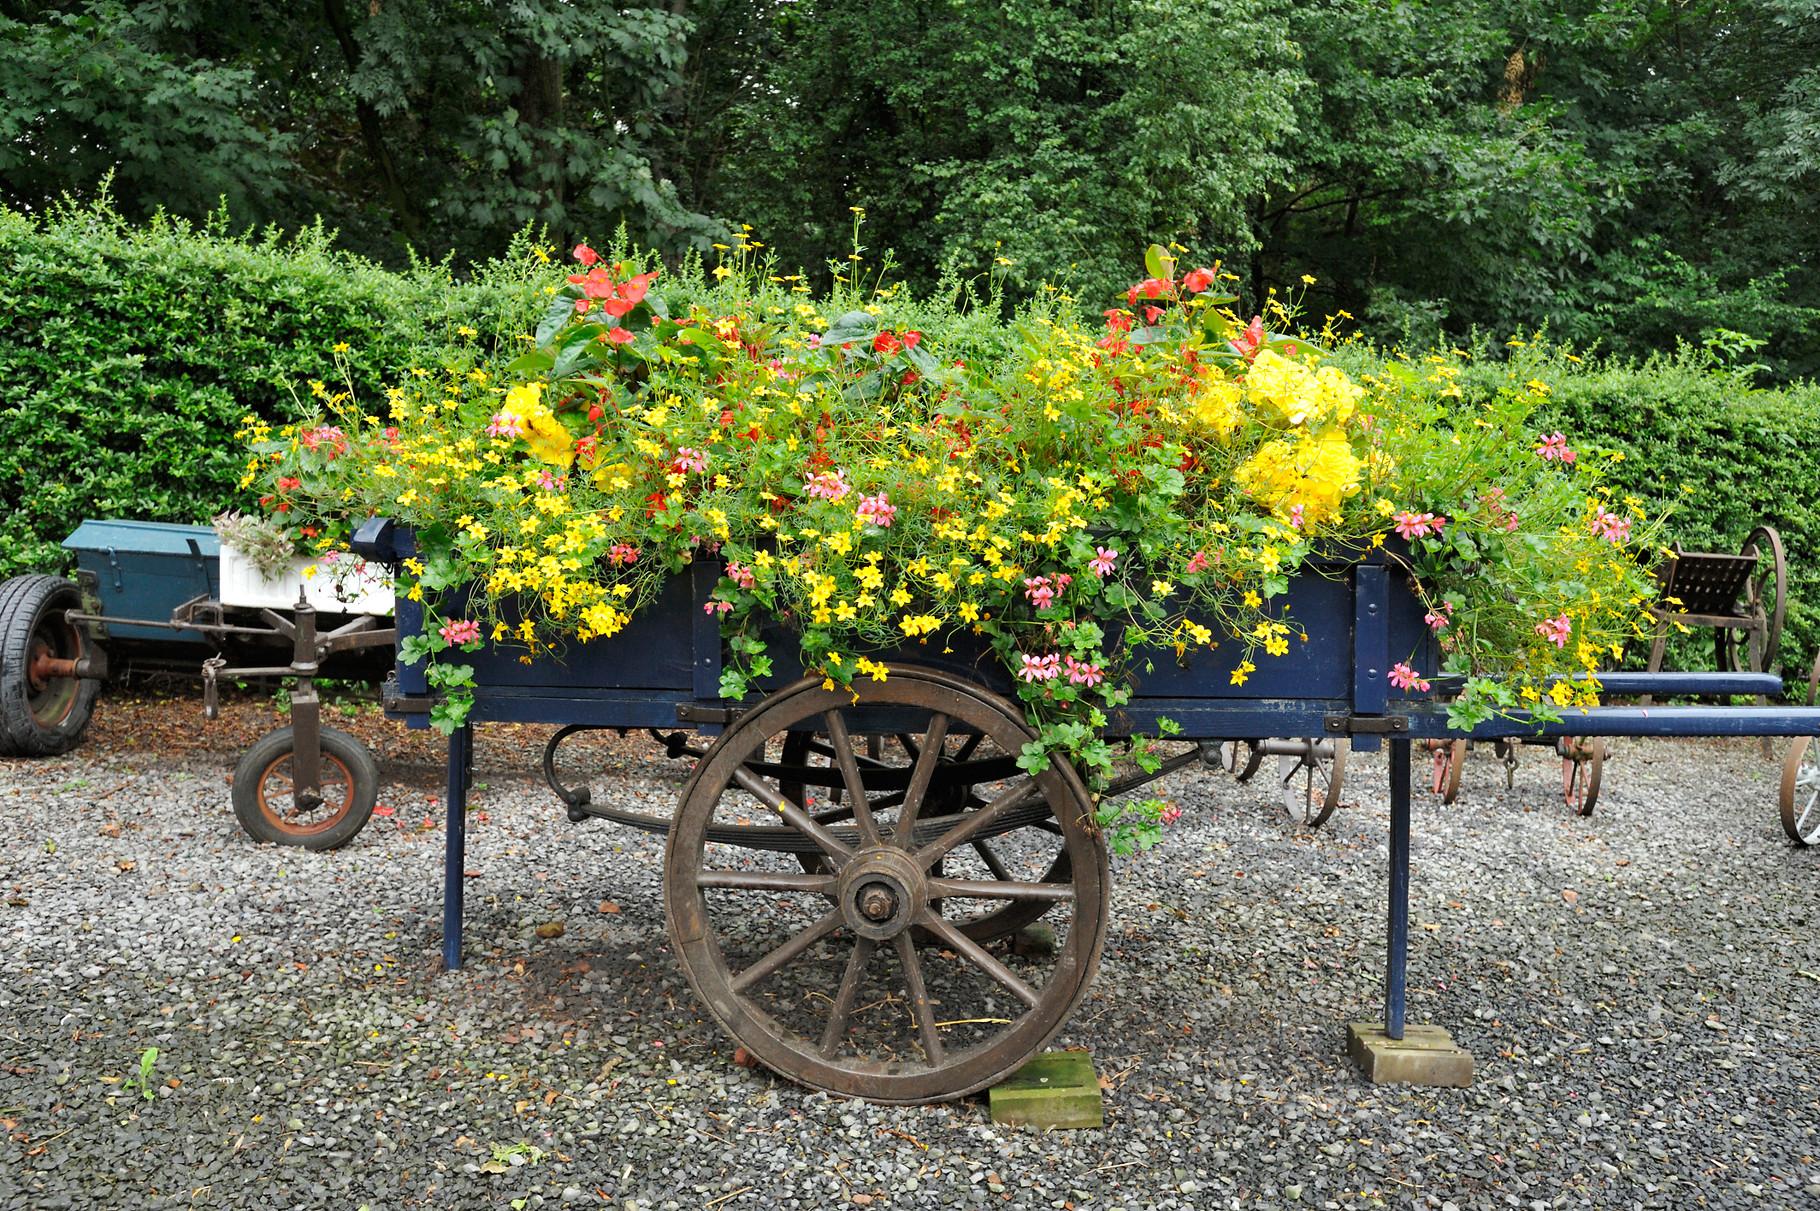 Le thème de la ferme mis en valeur à Wervicq-Sud par Richard Soberka